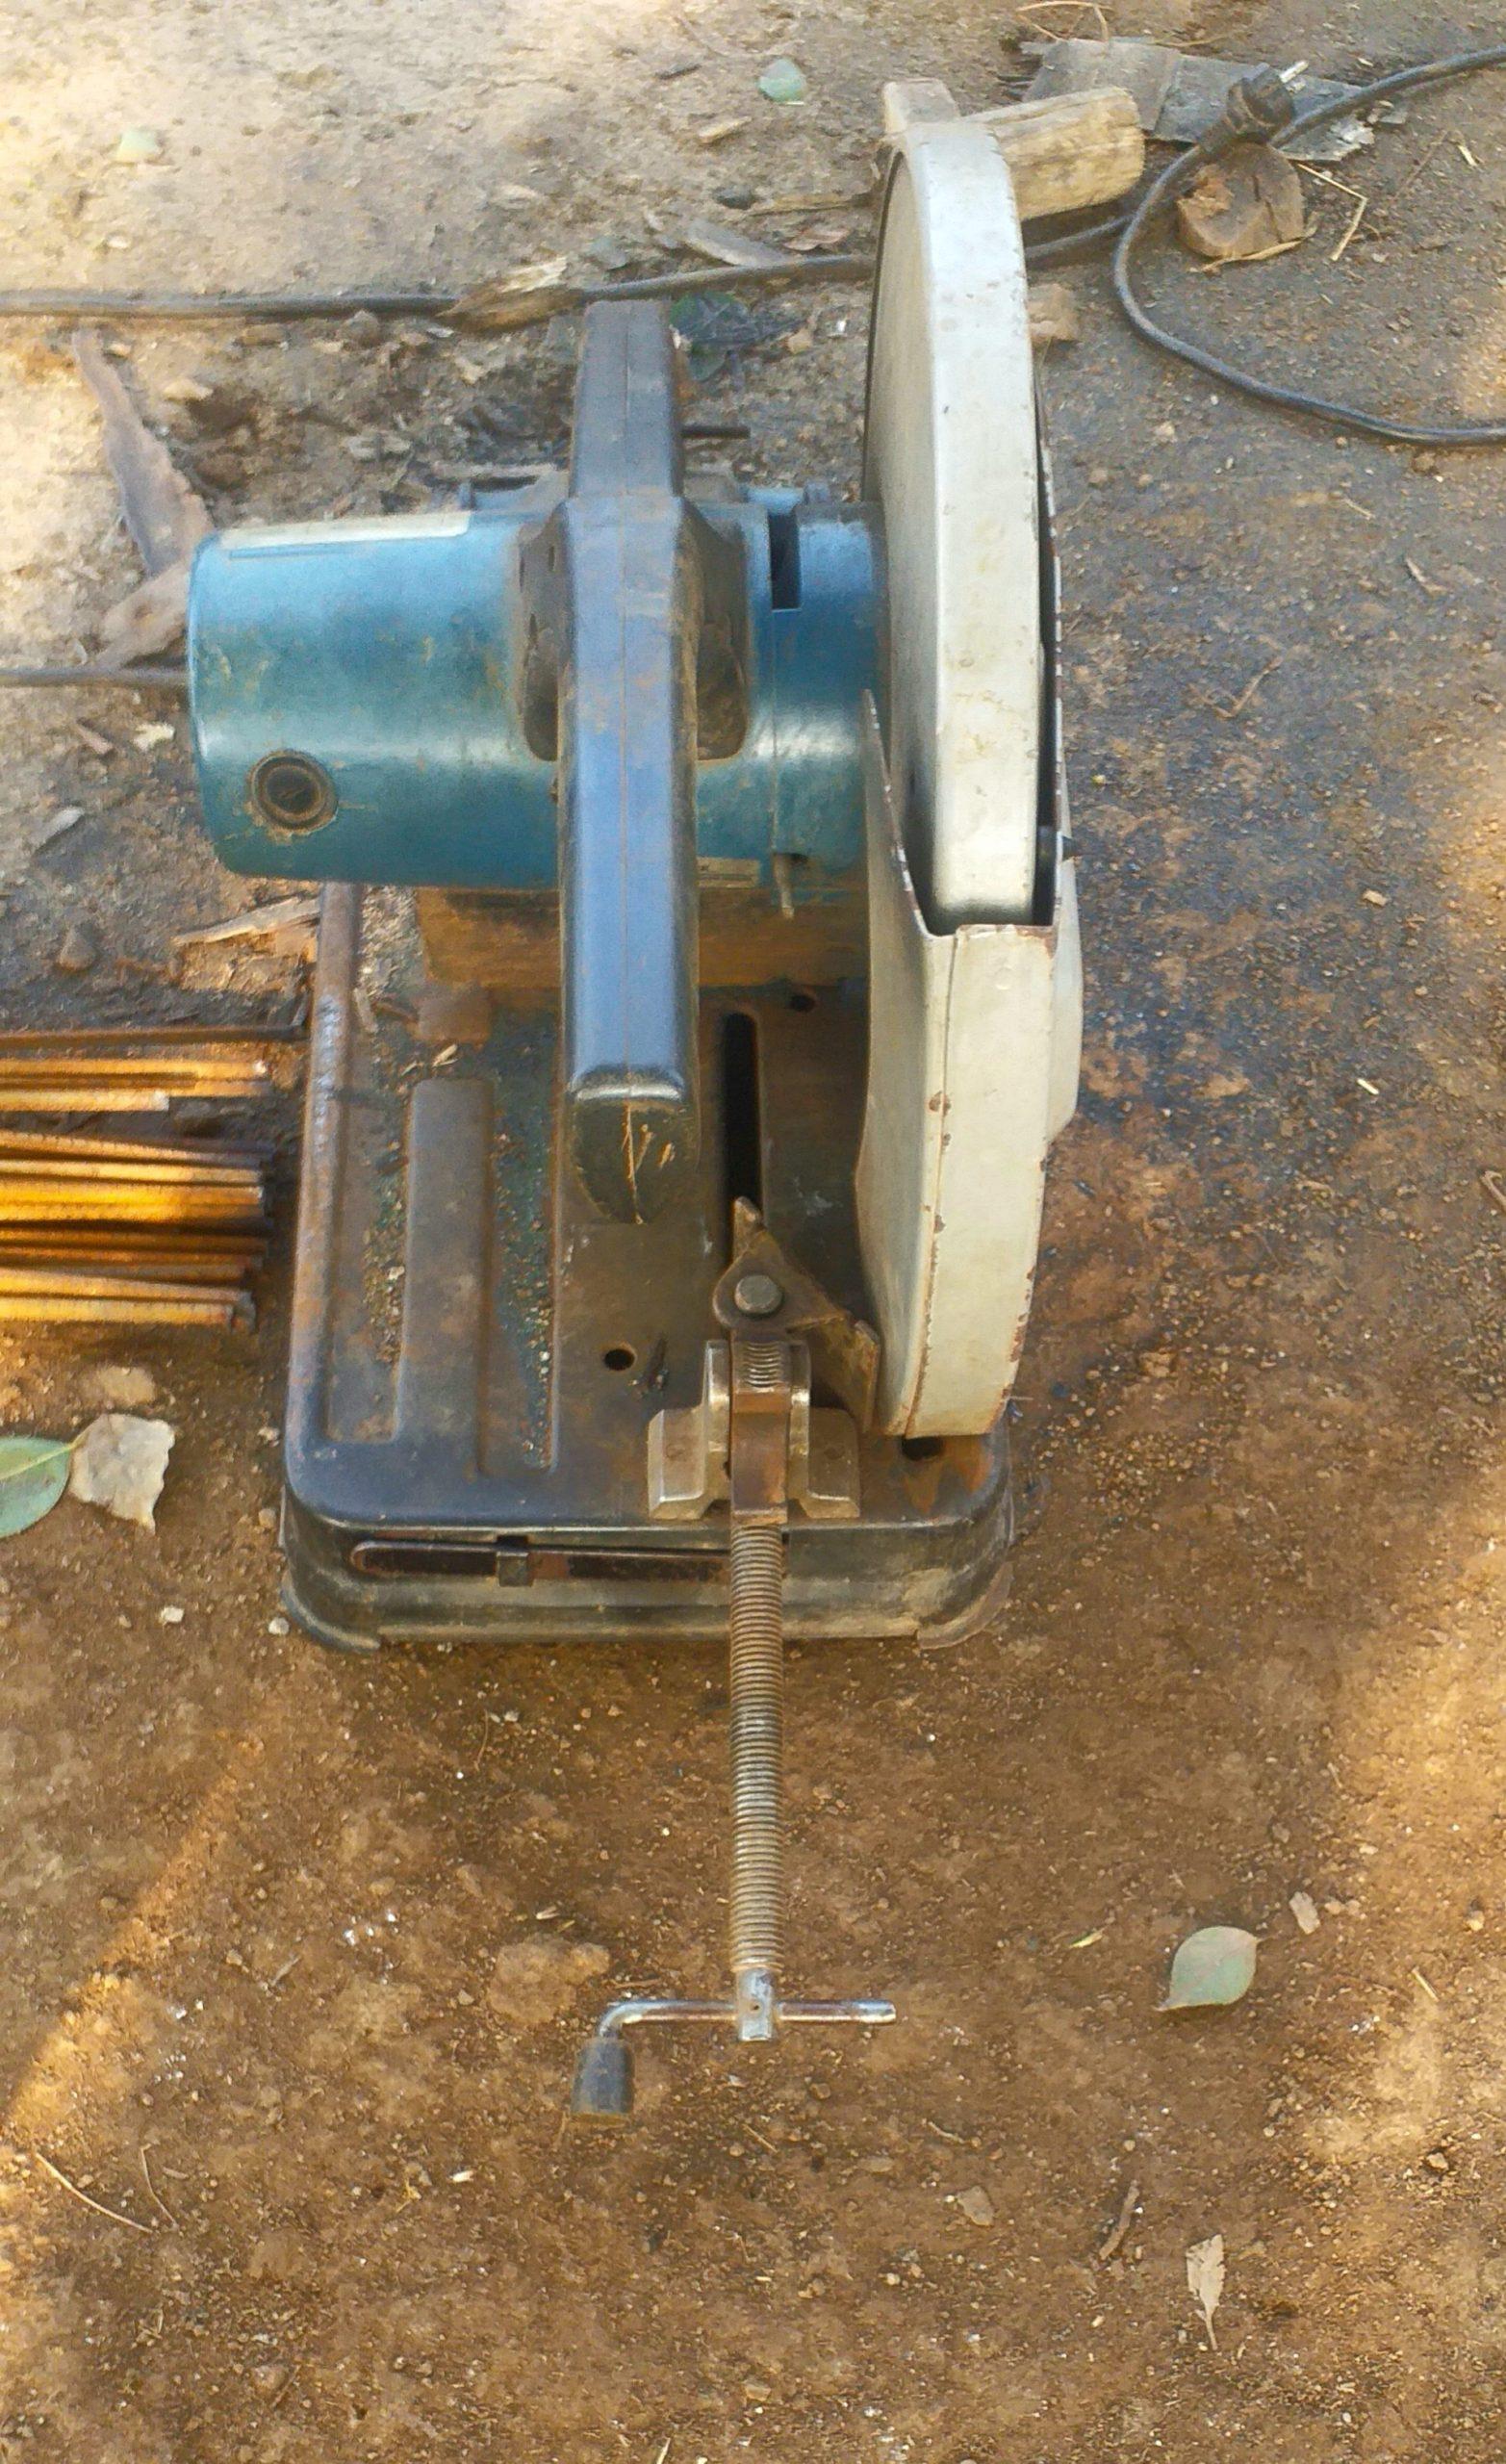 A cutter machine